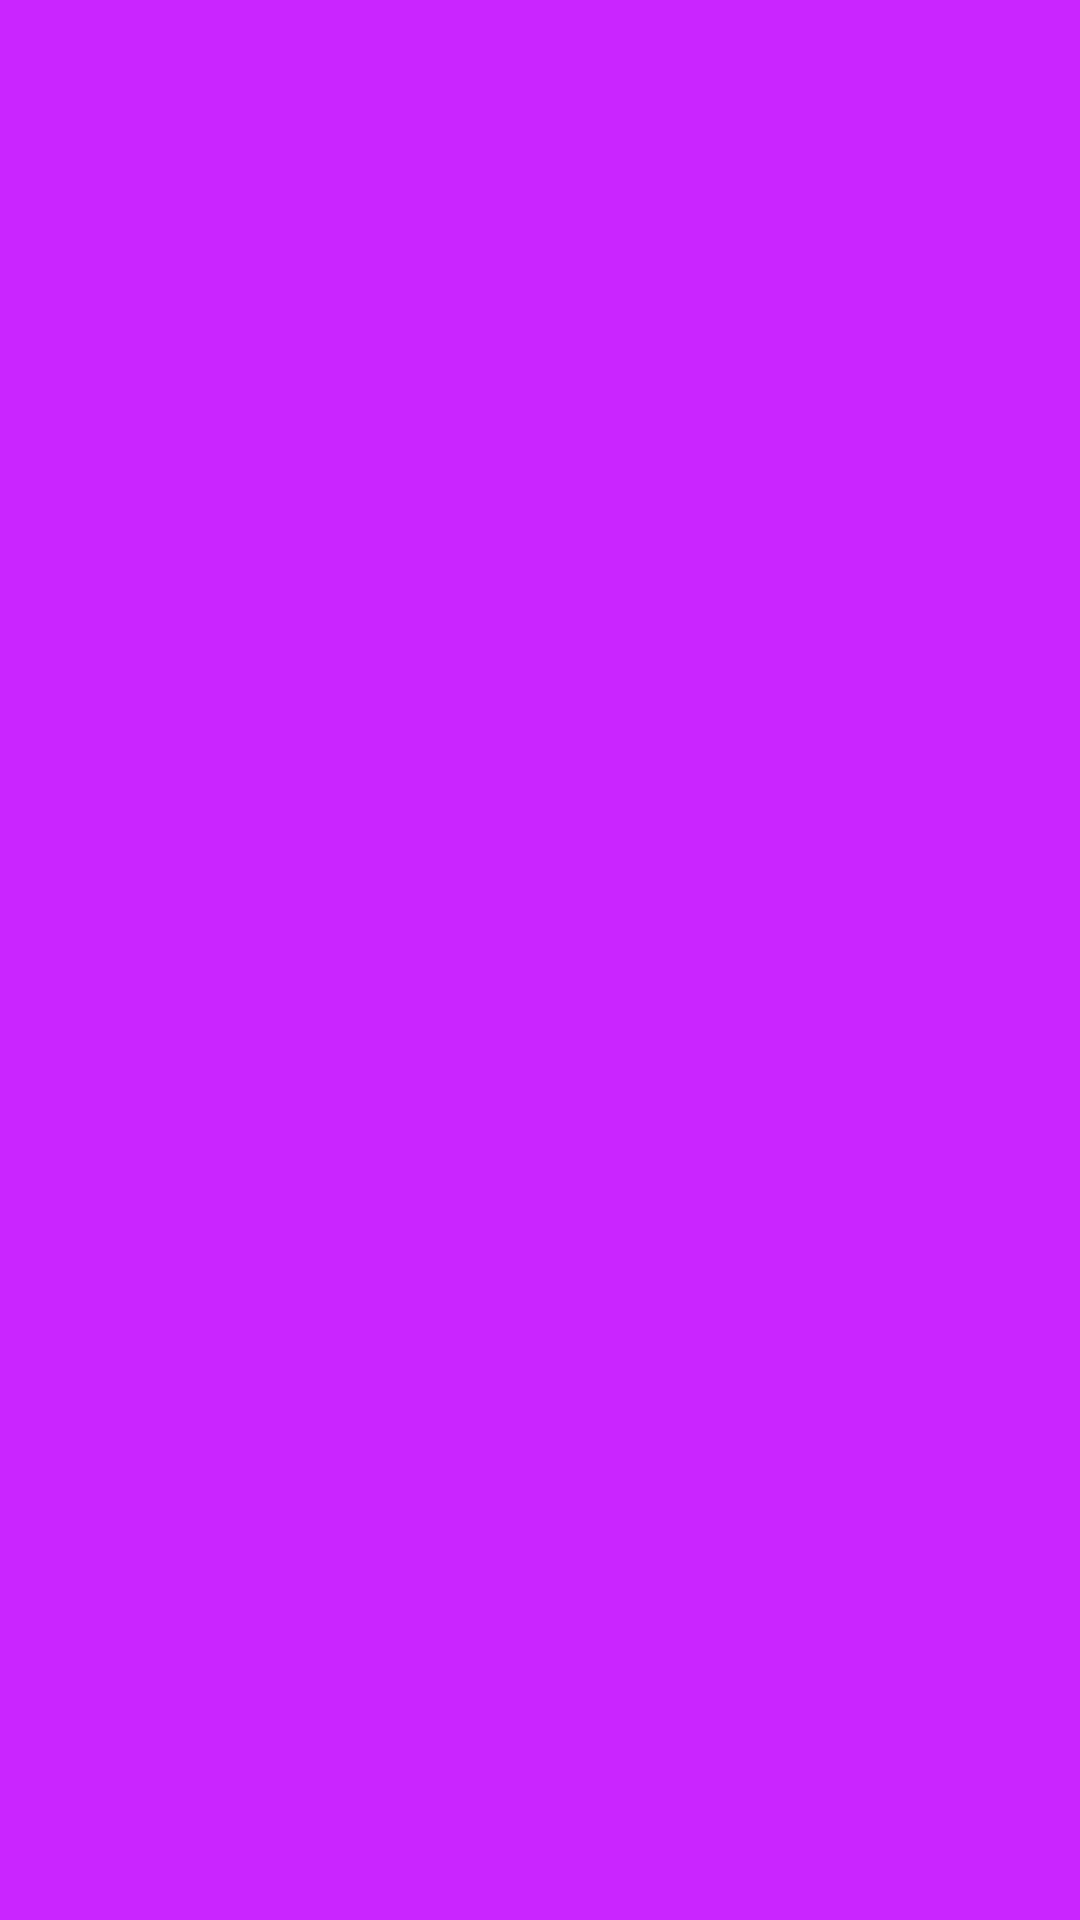 Ca25ff Solid Color Image Solidcolore